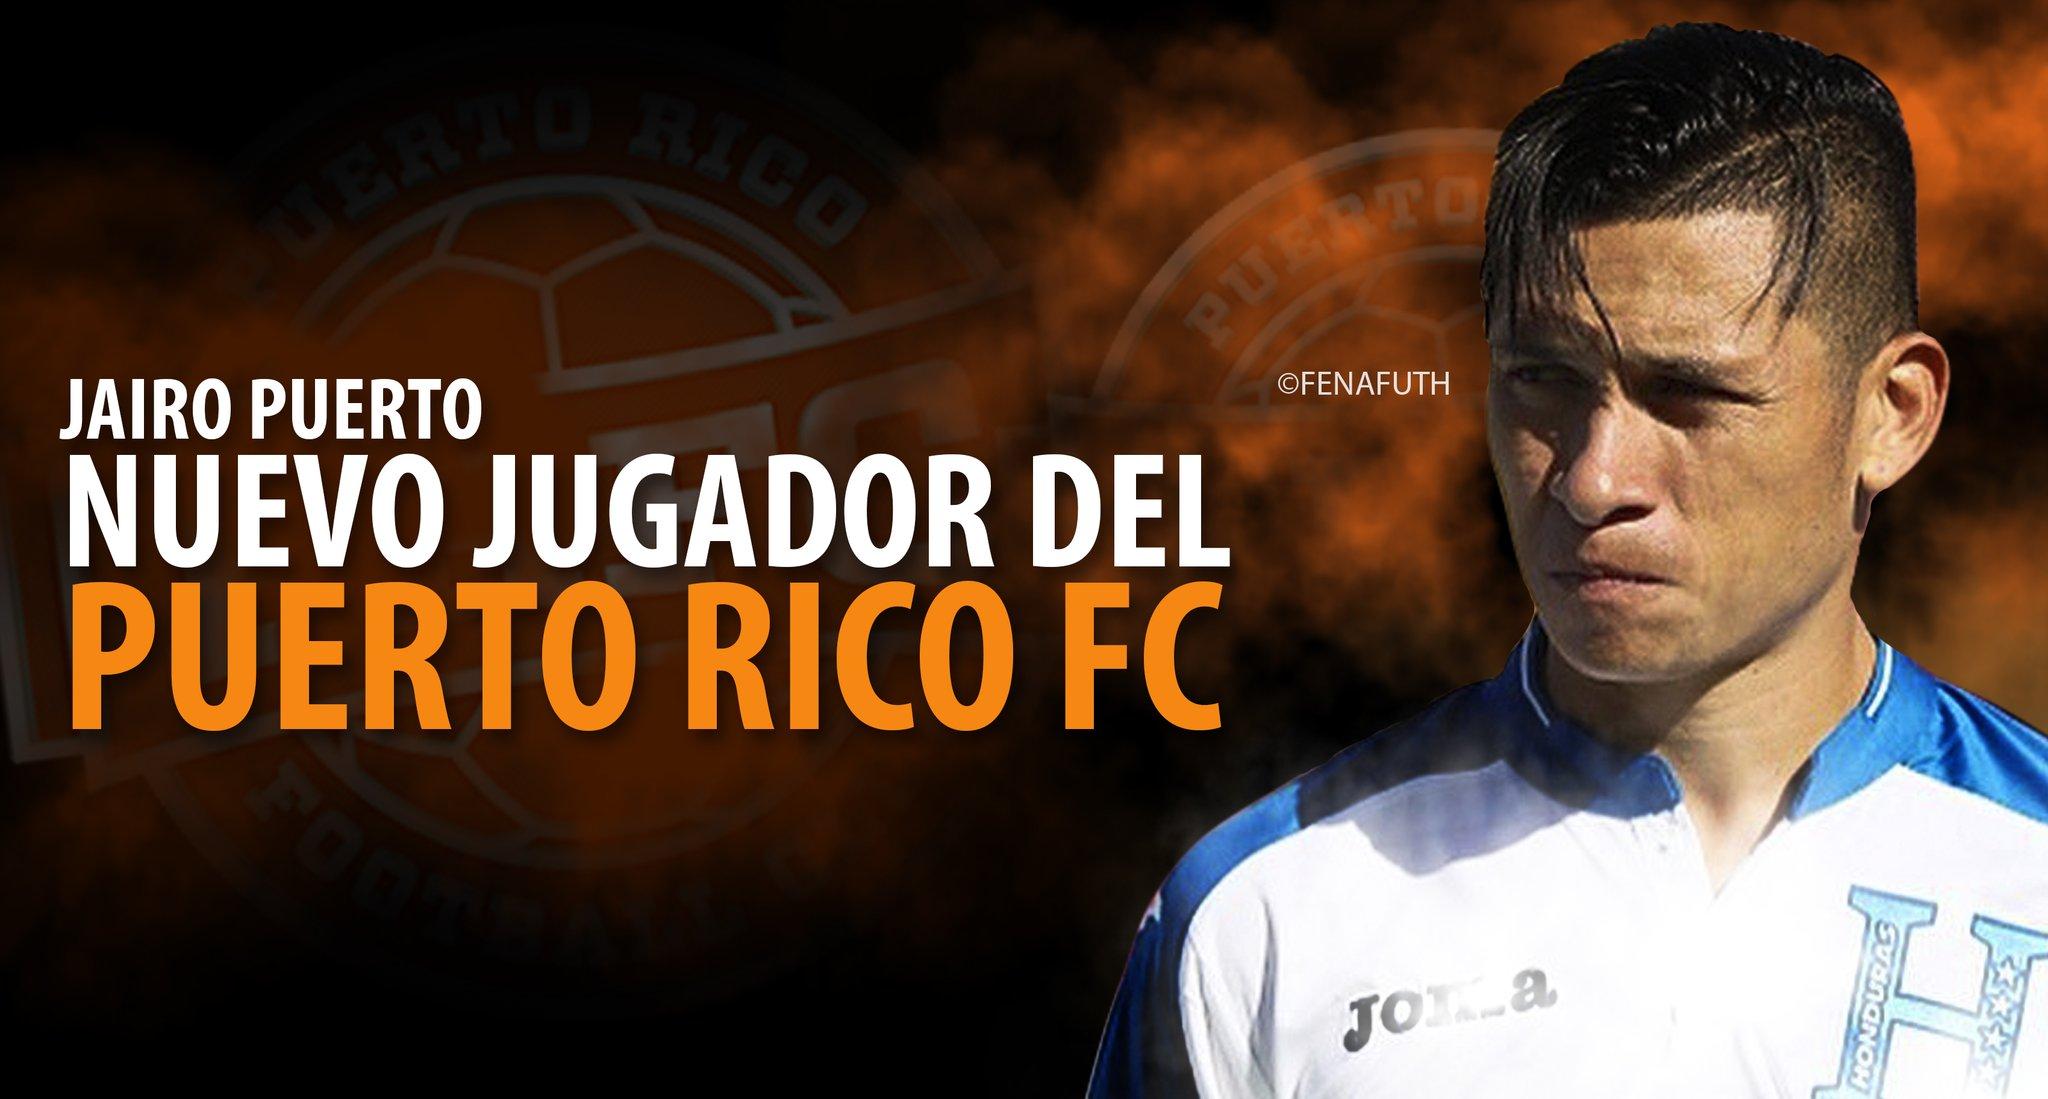 El PRFC anuncia la firma del hondureño Jairo Puerto